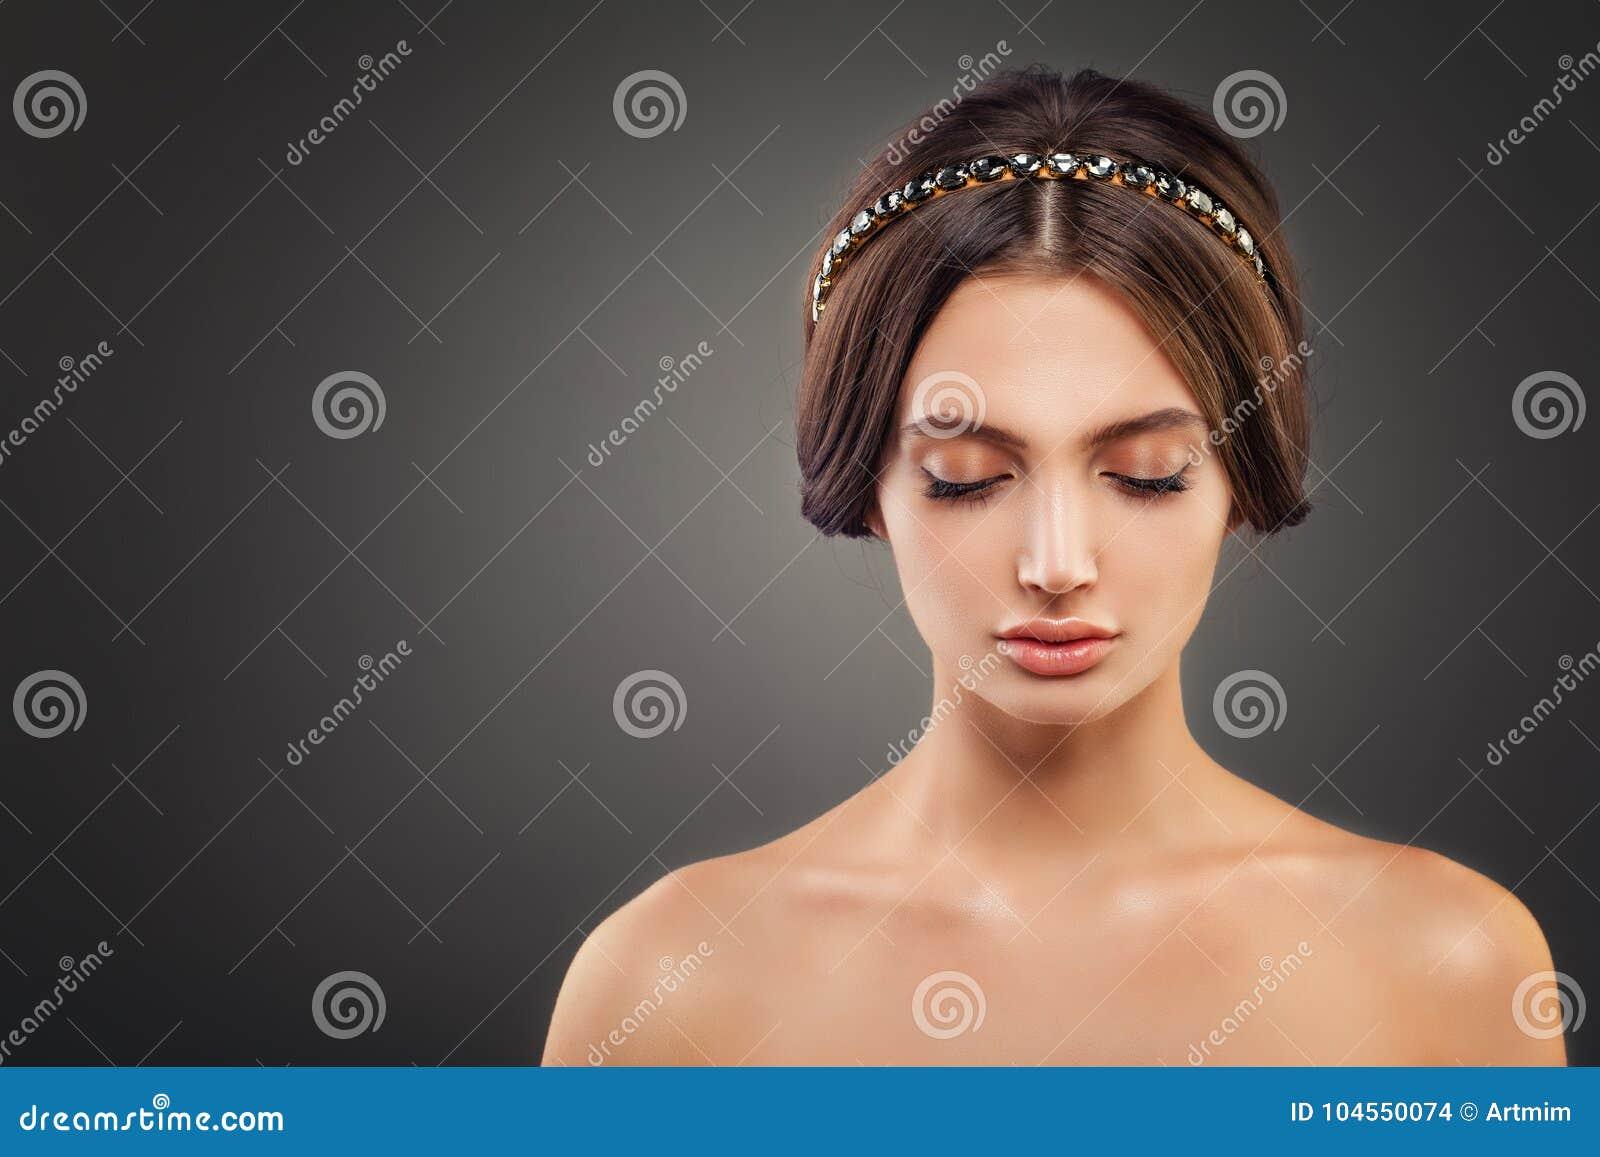 Perfektes junge Frauen-Mode-Modell mit Hochzeits-Frisur